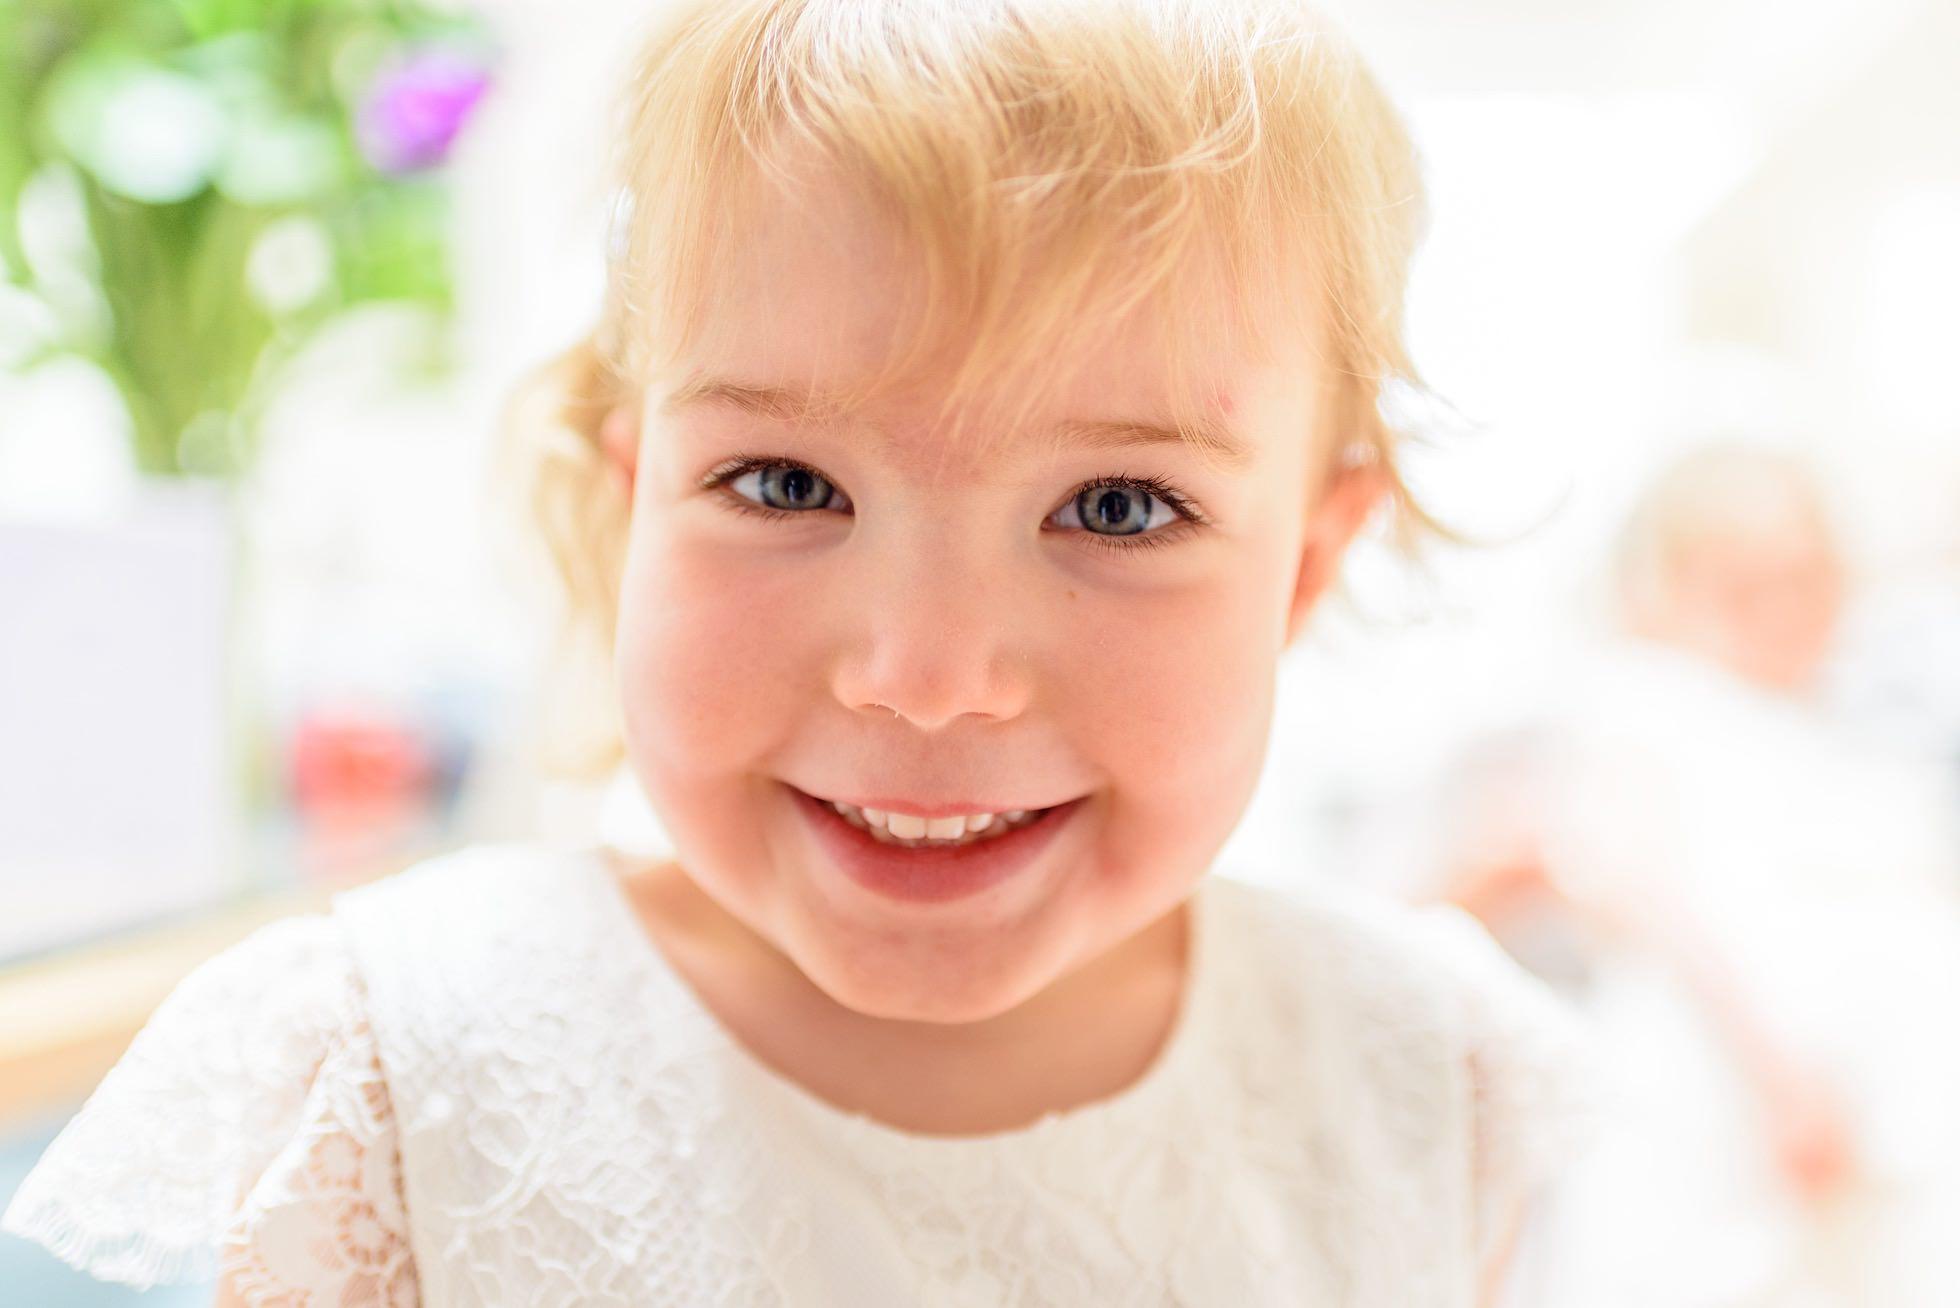 Smiley flower girl